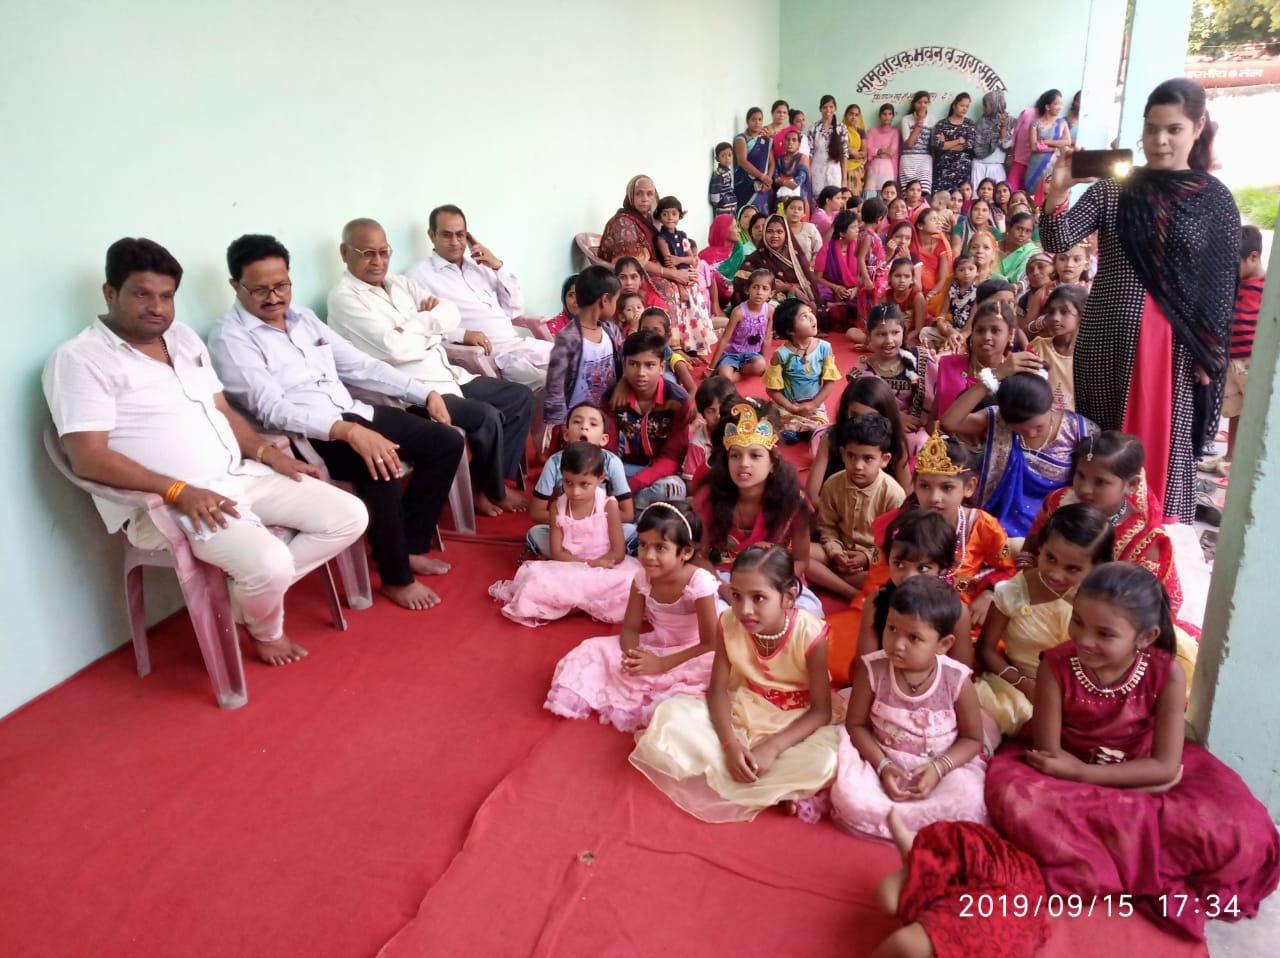 हिंदी समाचार | सरस्वती संस्कार केन्द्र में...